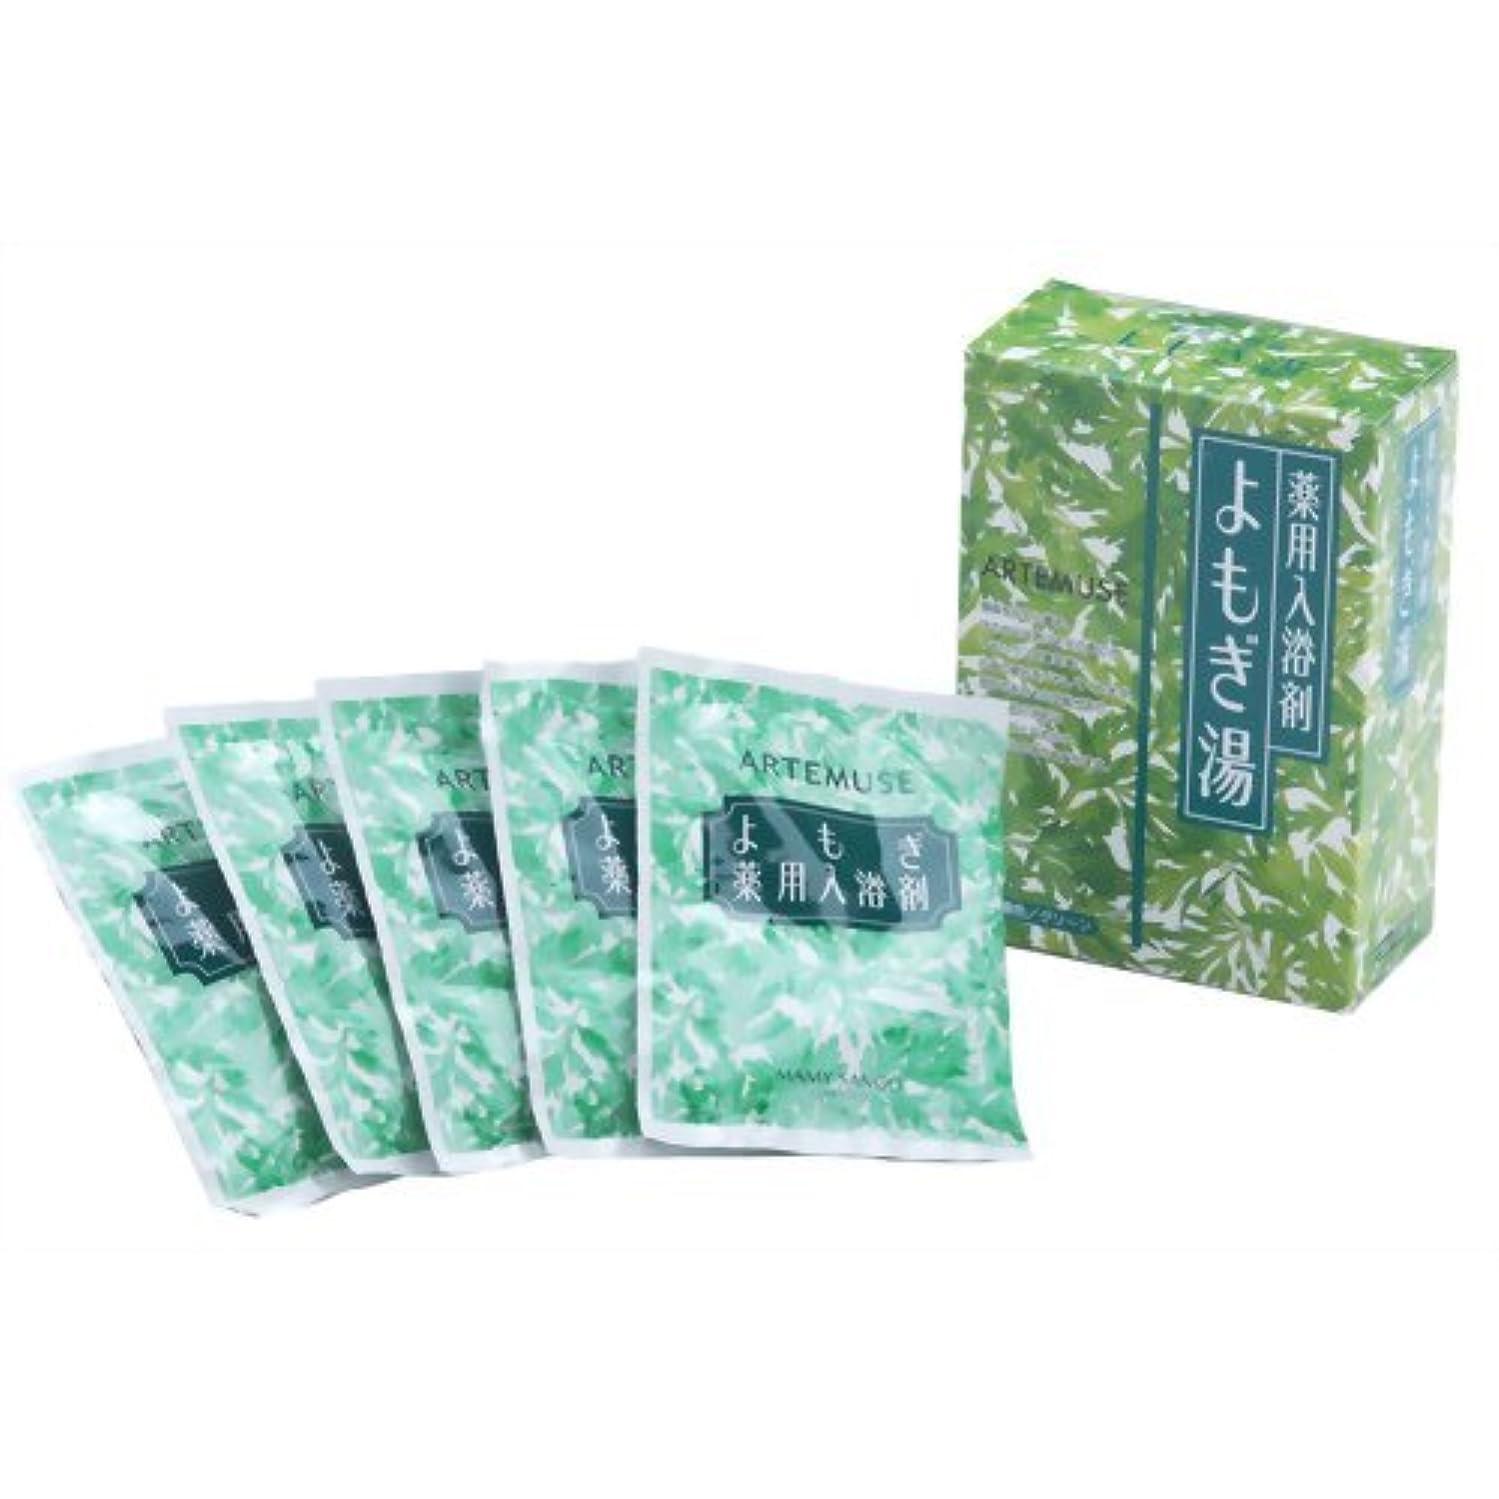 フェッチペスト暖炉三興物産 よもぎ薬用シリーズ よもぎ薬用入浴剤 (分包) 30g×5包入